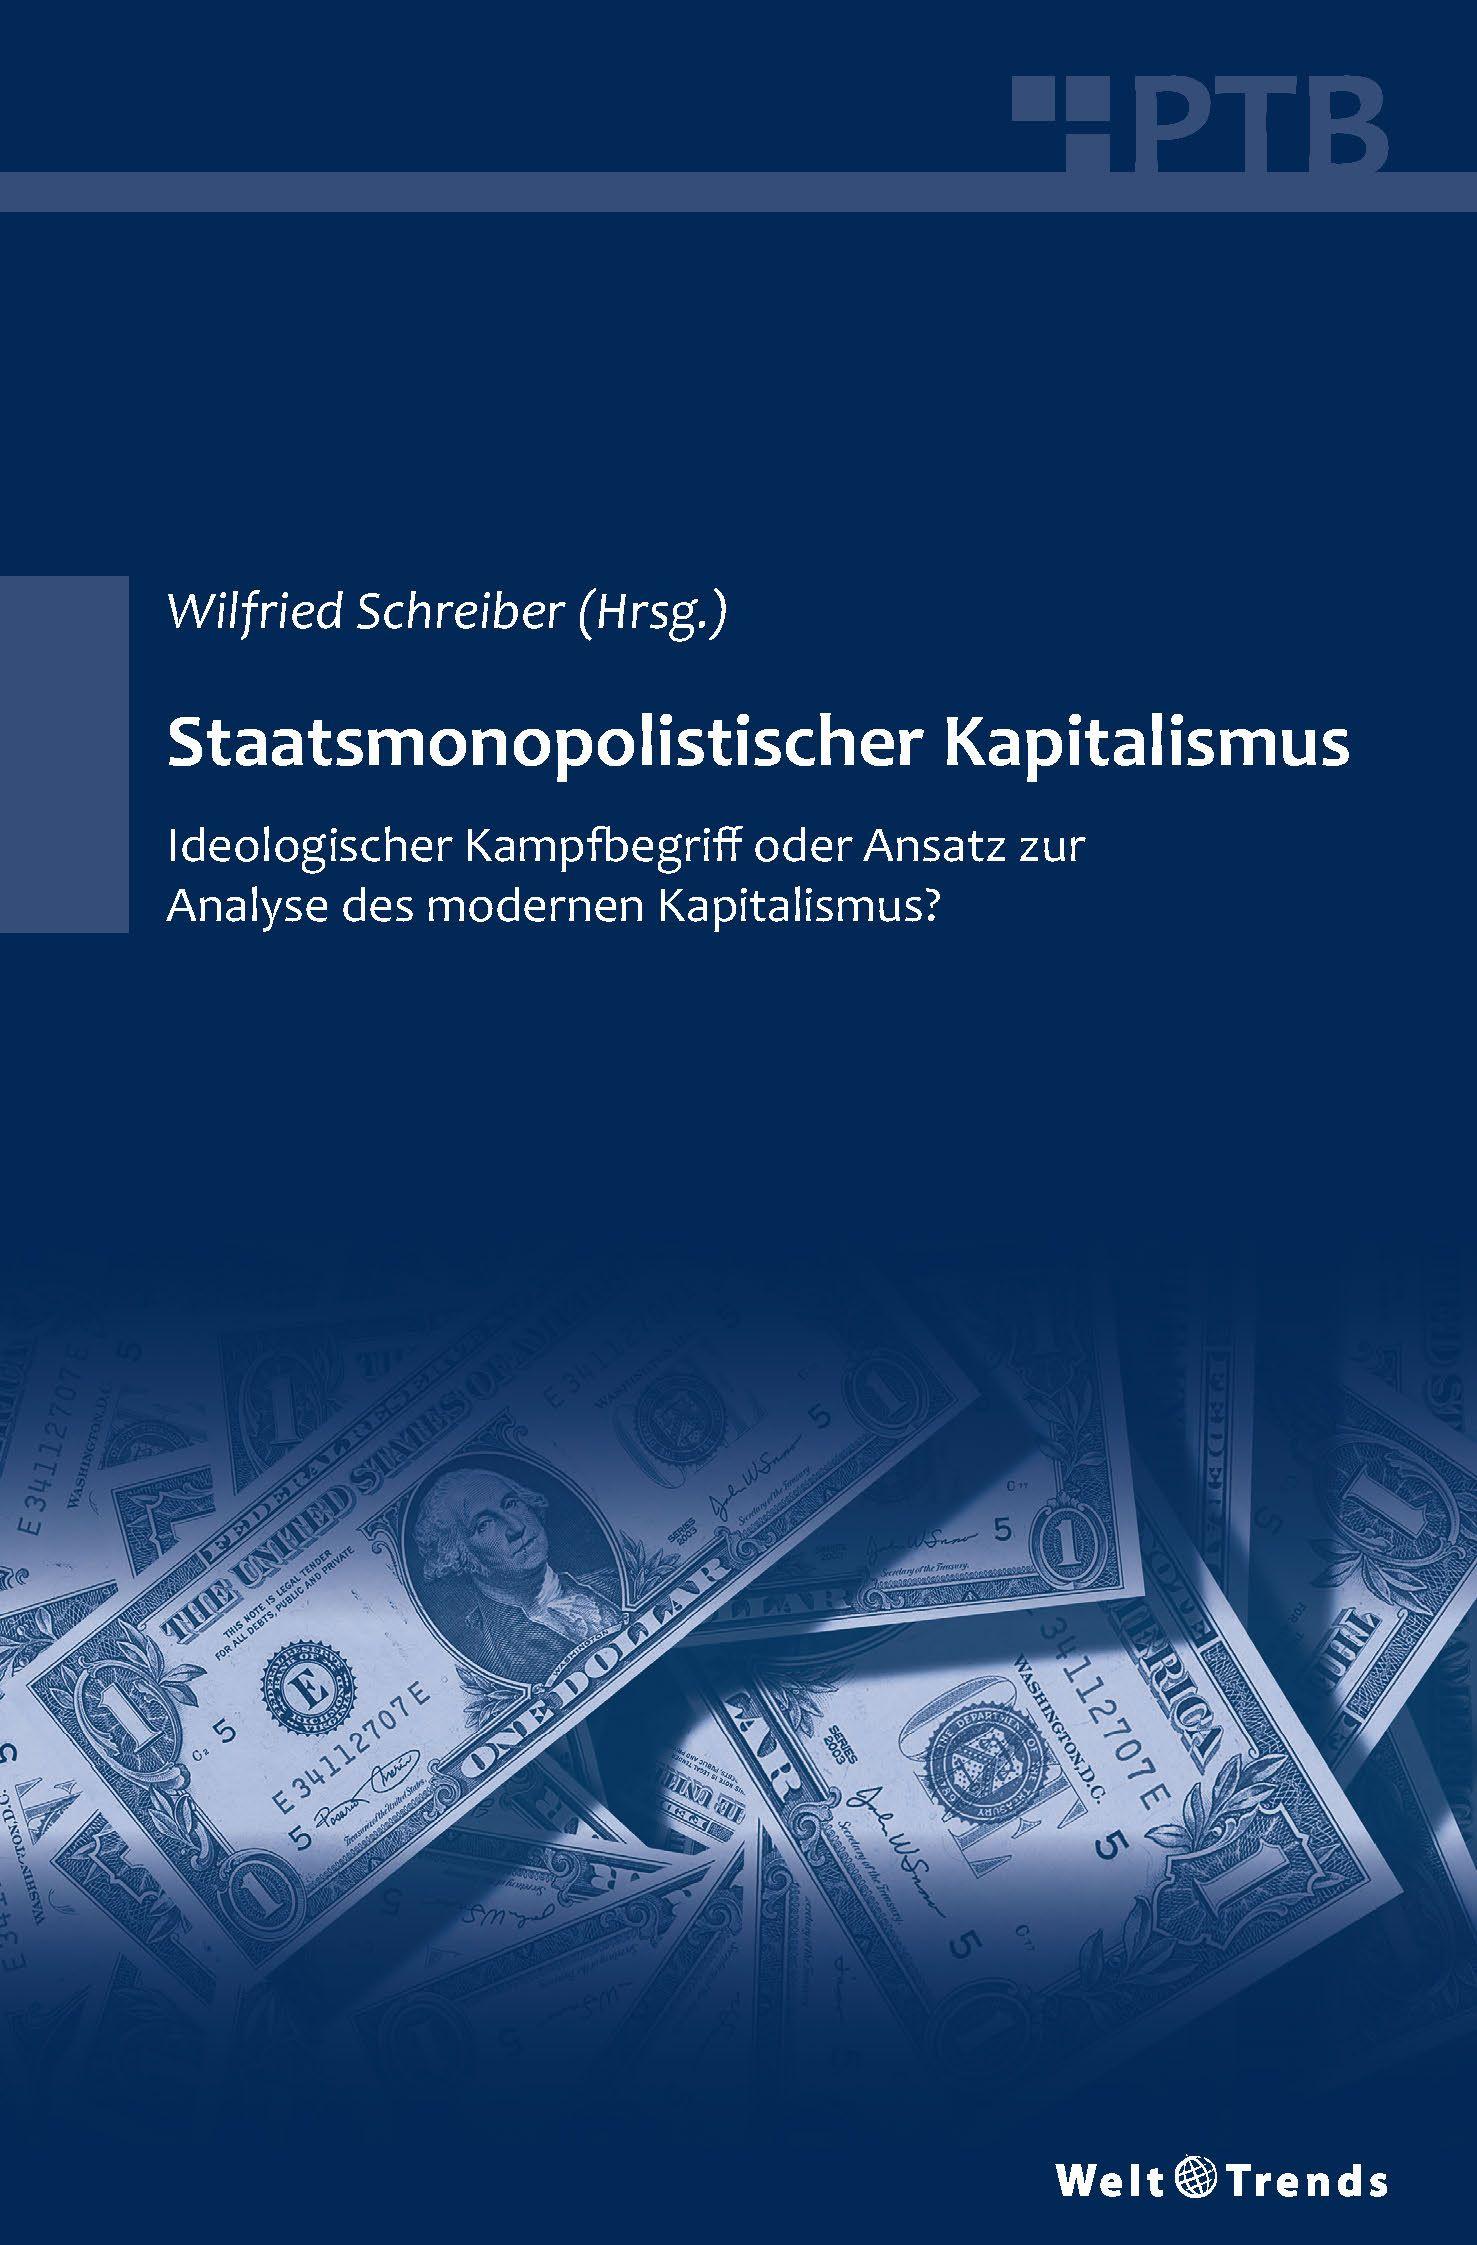 staatsmonopolistischer-kapitalismus_buchtitel.jpg